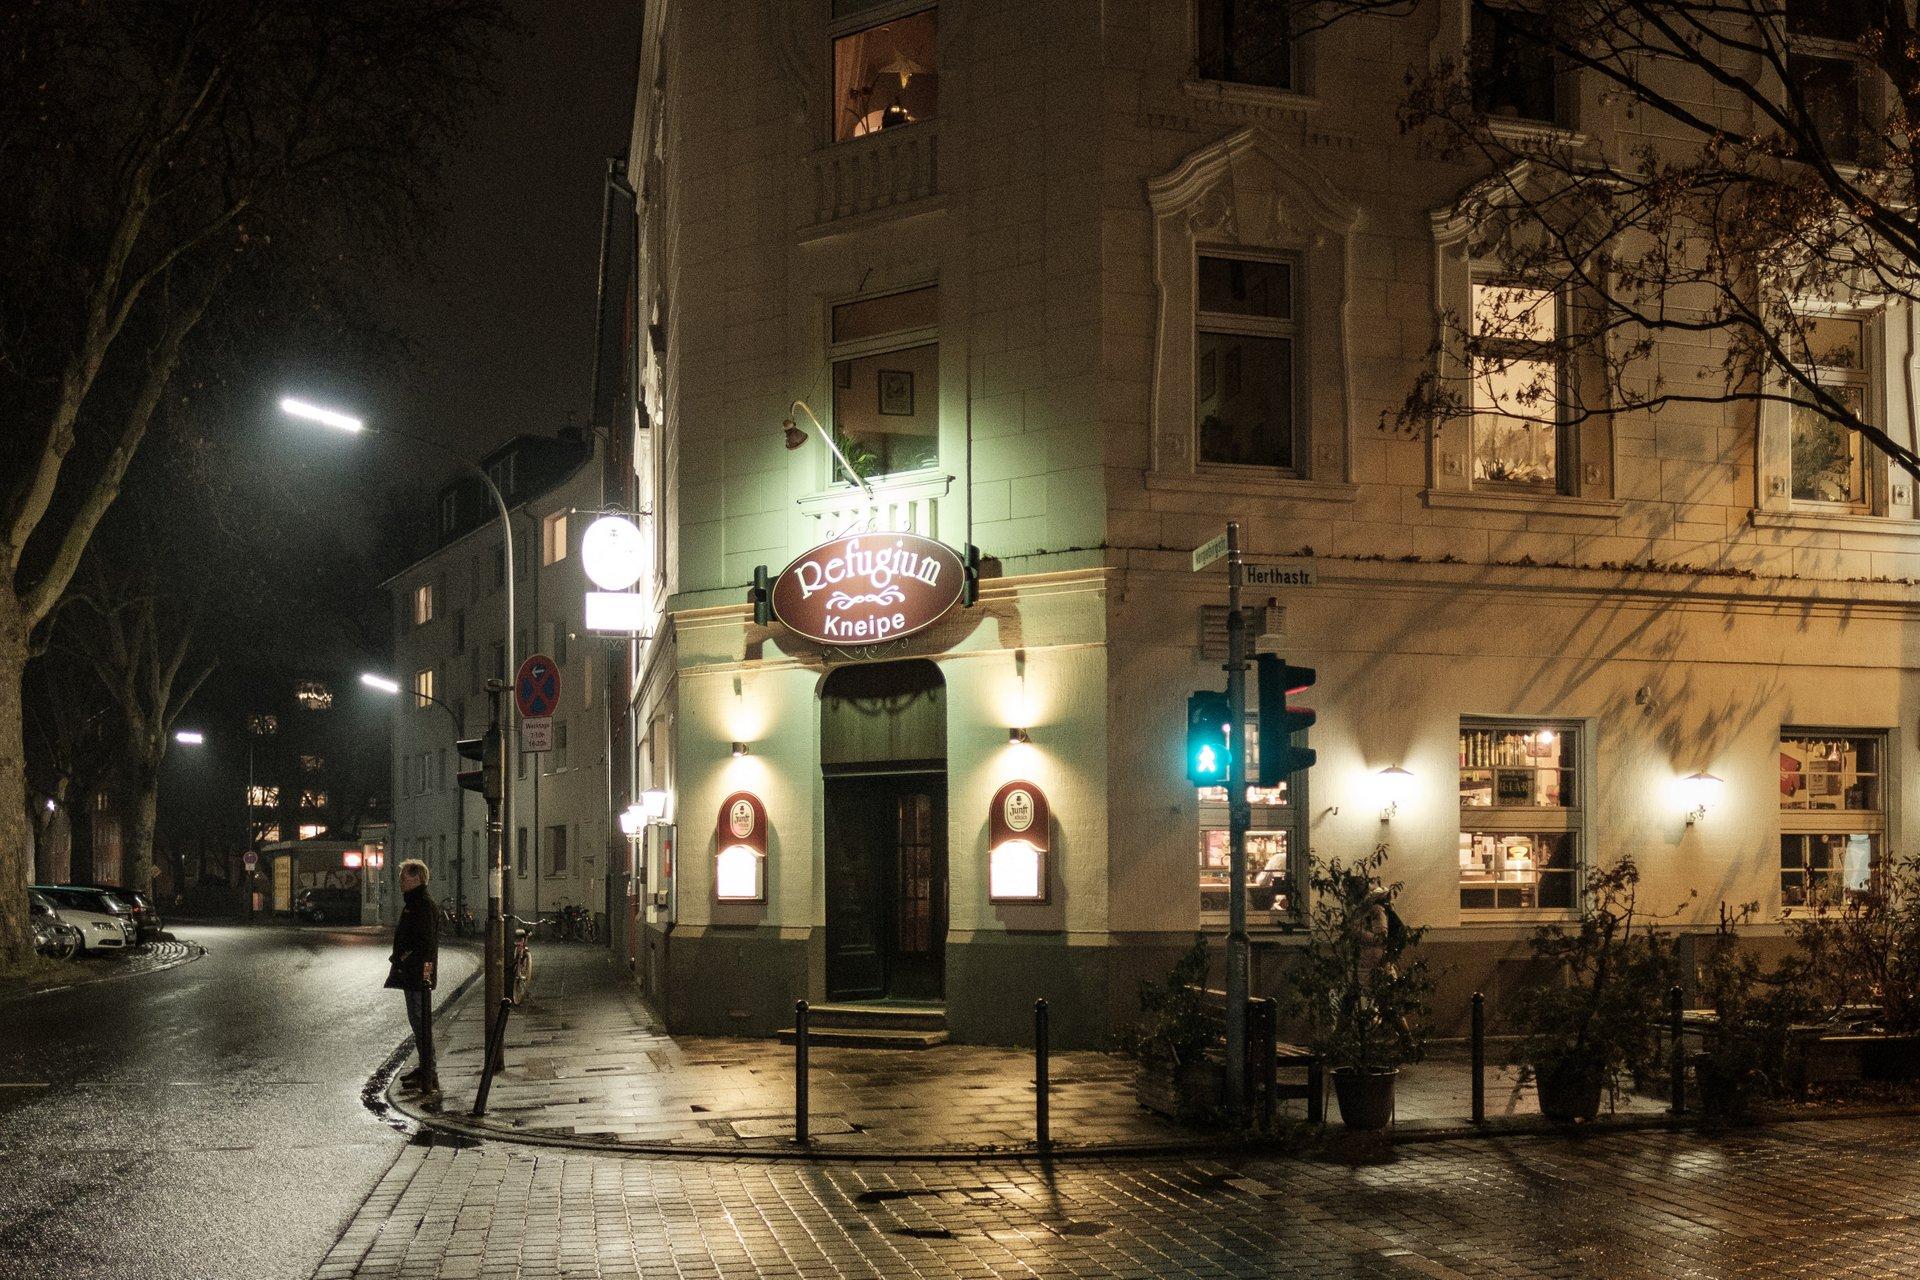 Refugium Zollstock Köln kölnbeste beste koelnbeste GAG